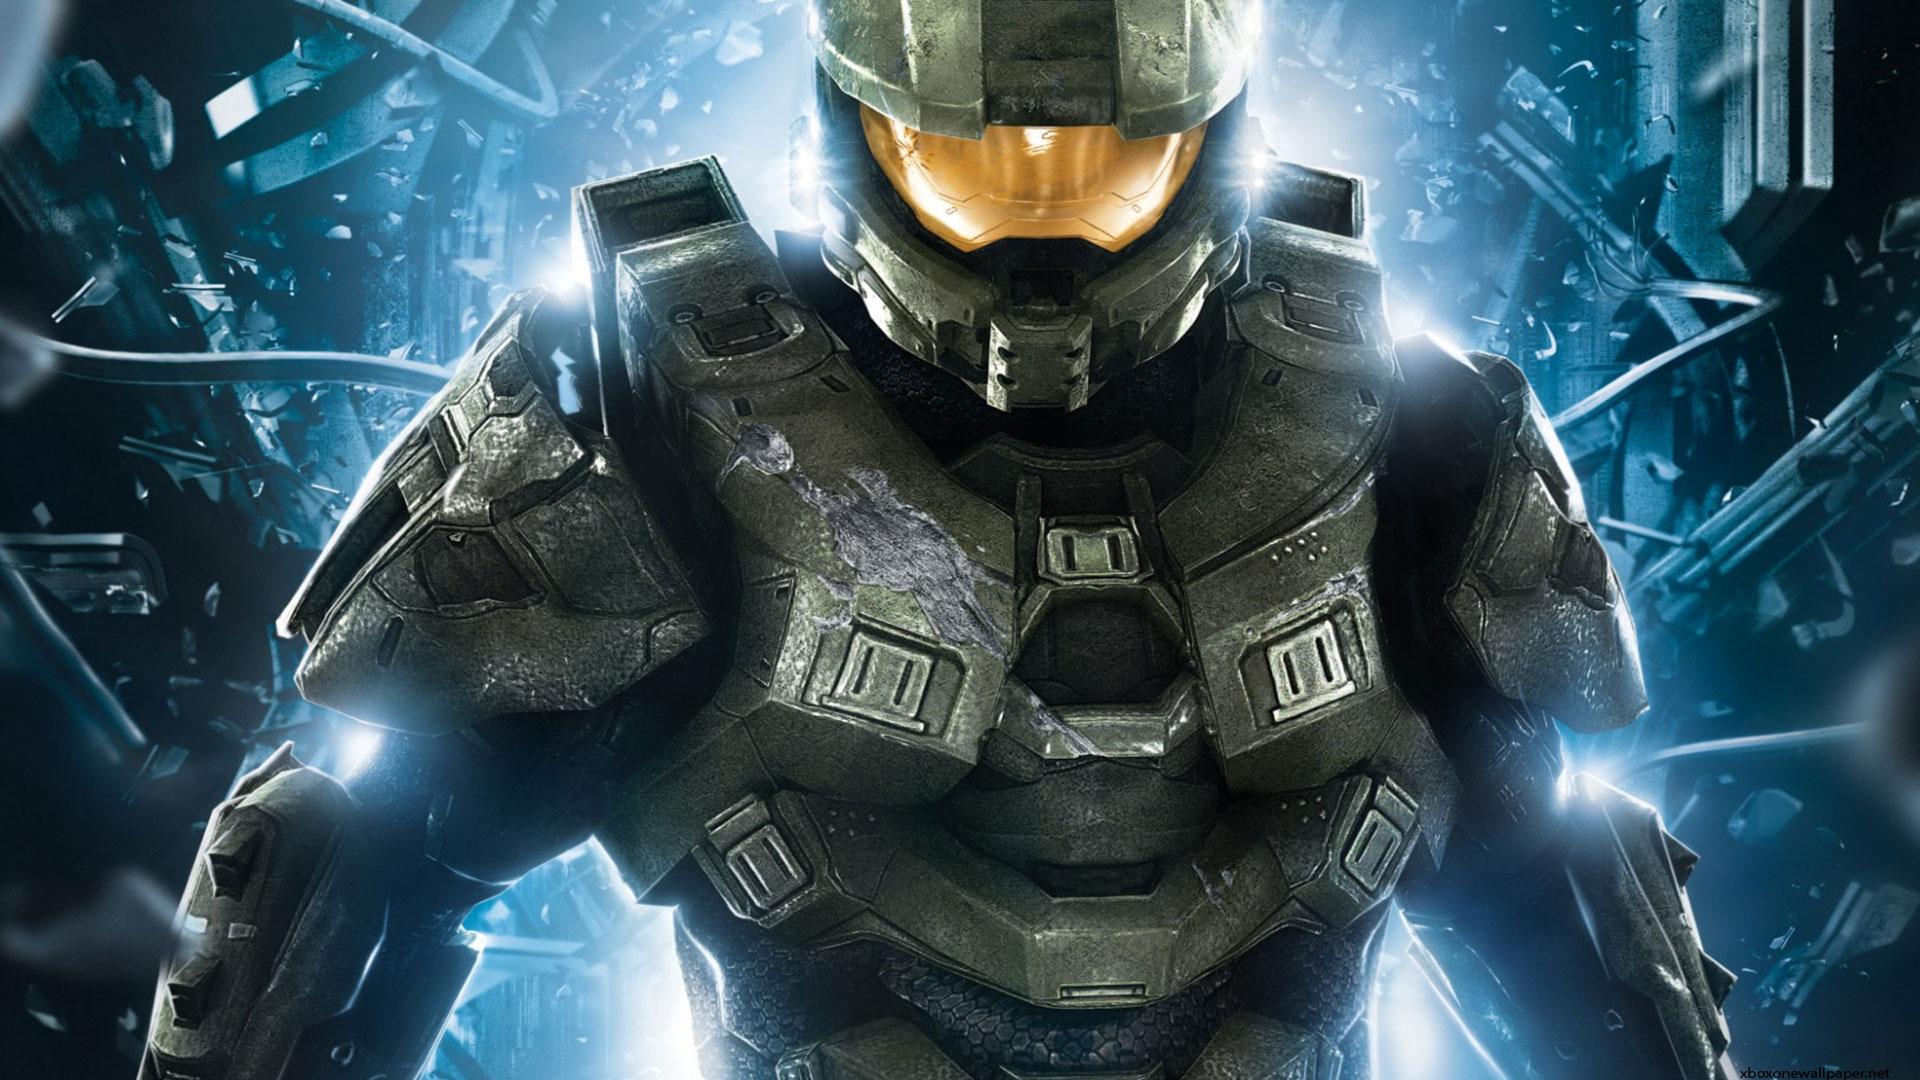 Halo 4 Wallpaper 1080p Halo Xbox One 1080P Wallpaper 1920x1080